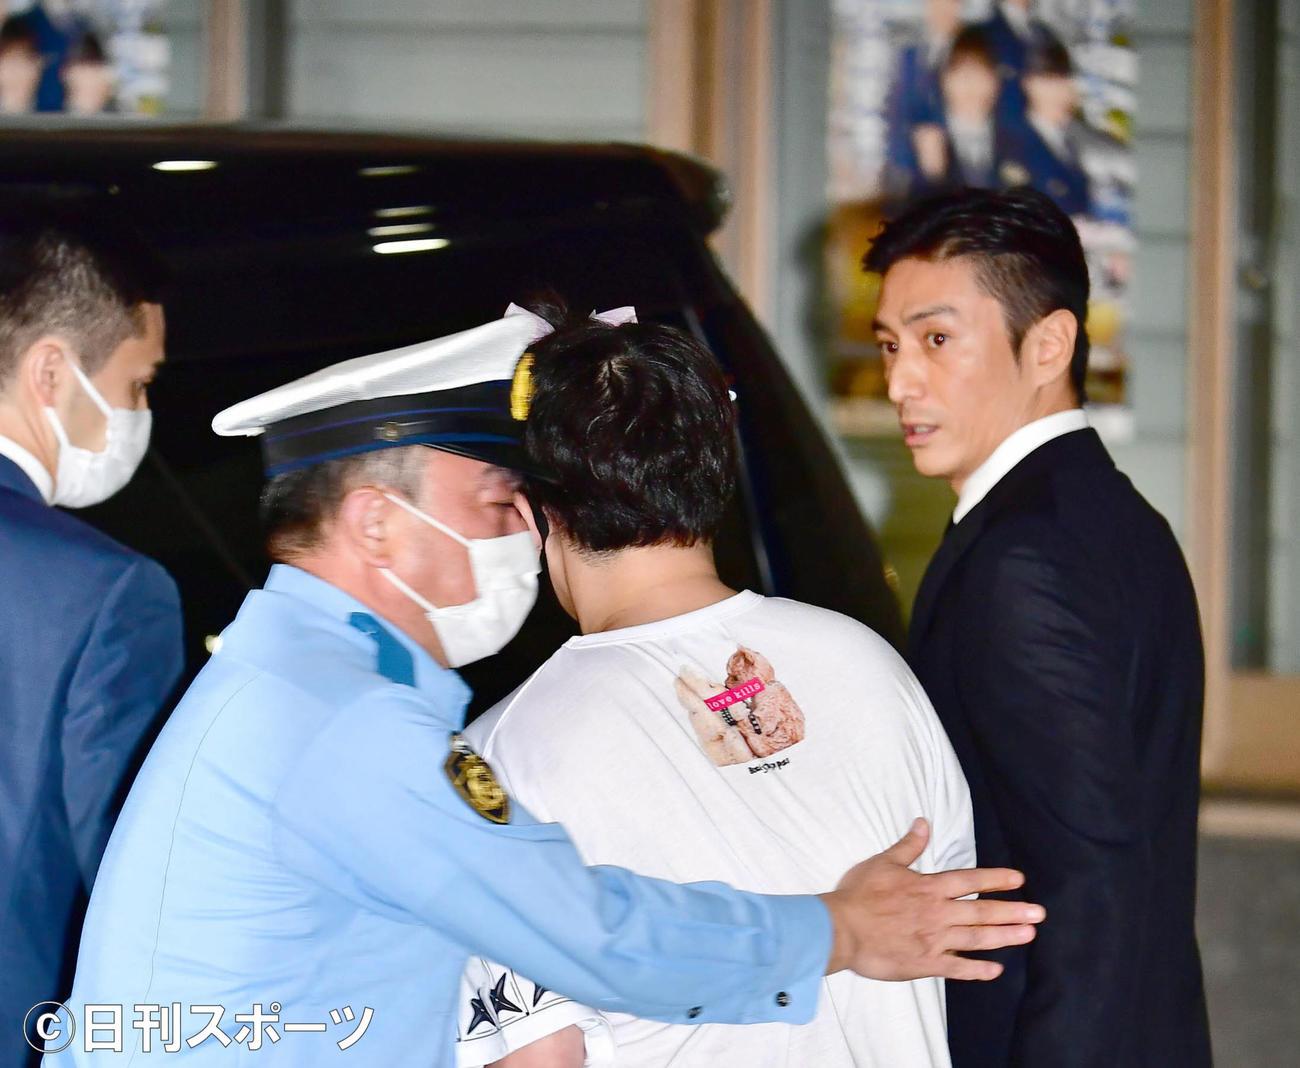 大麻取締法違反の罪で起訴され、この日東京湾岸署から保釈された俳優の伊勢谷友介被告(右)に男性が直撃を試みて警察署員に取り押さえられるハプニングが起こった(撮影・小沢裕)